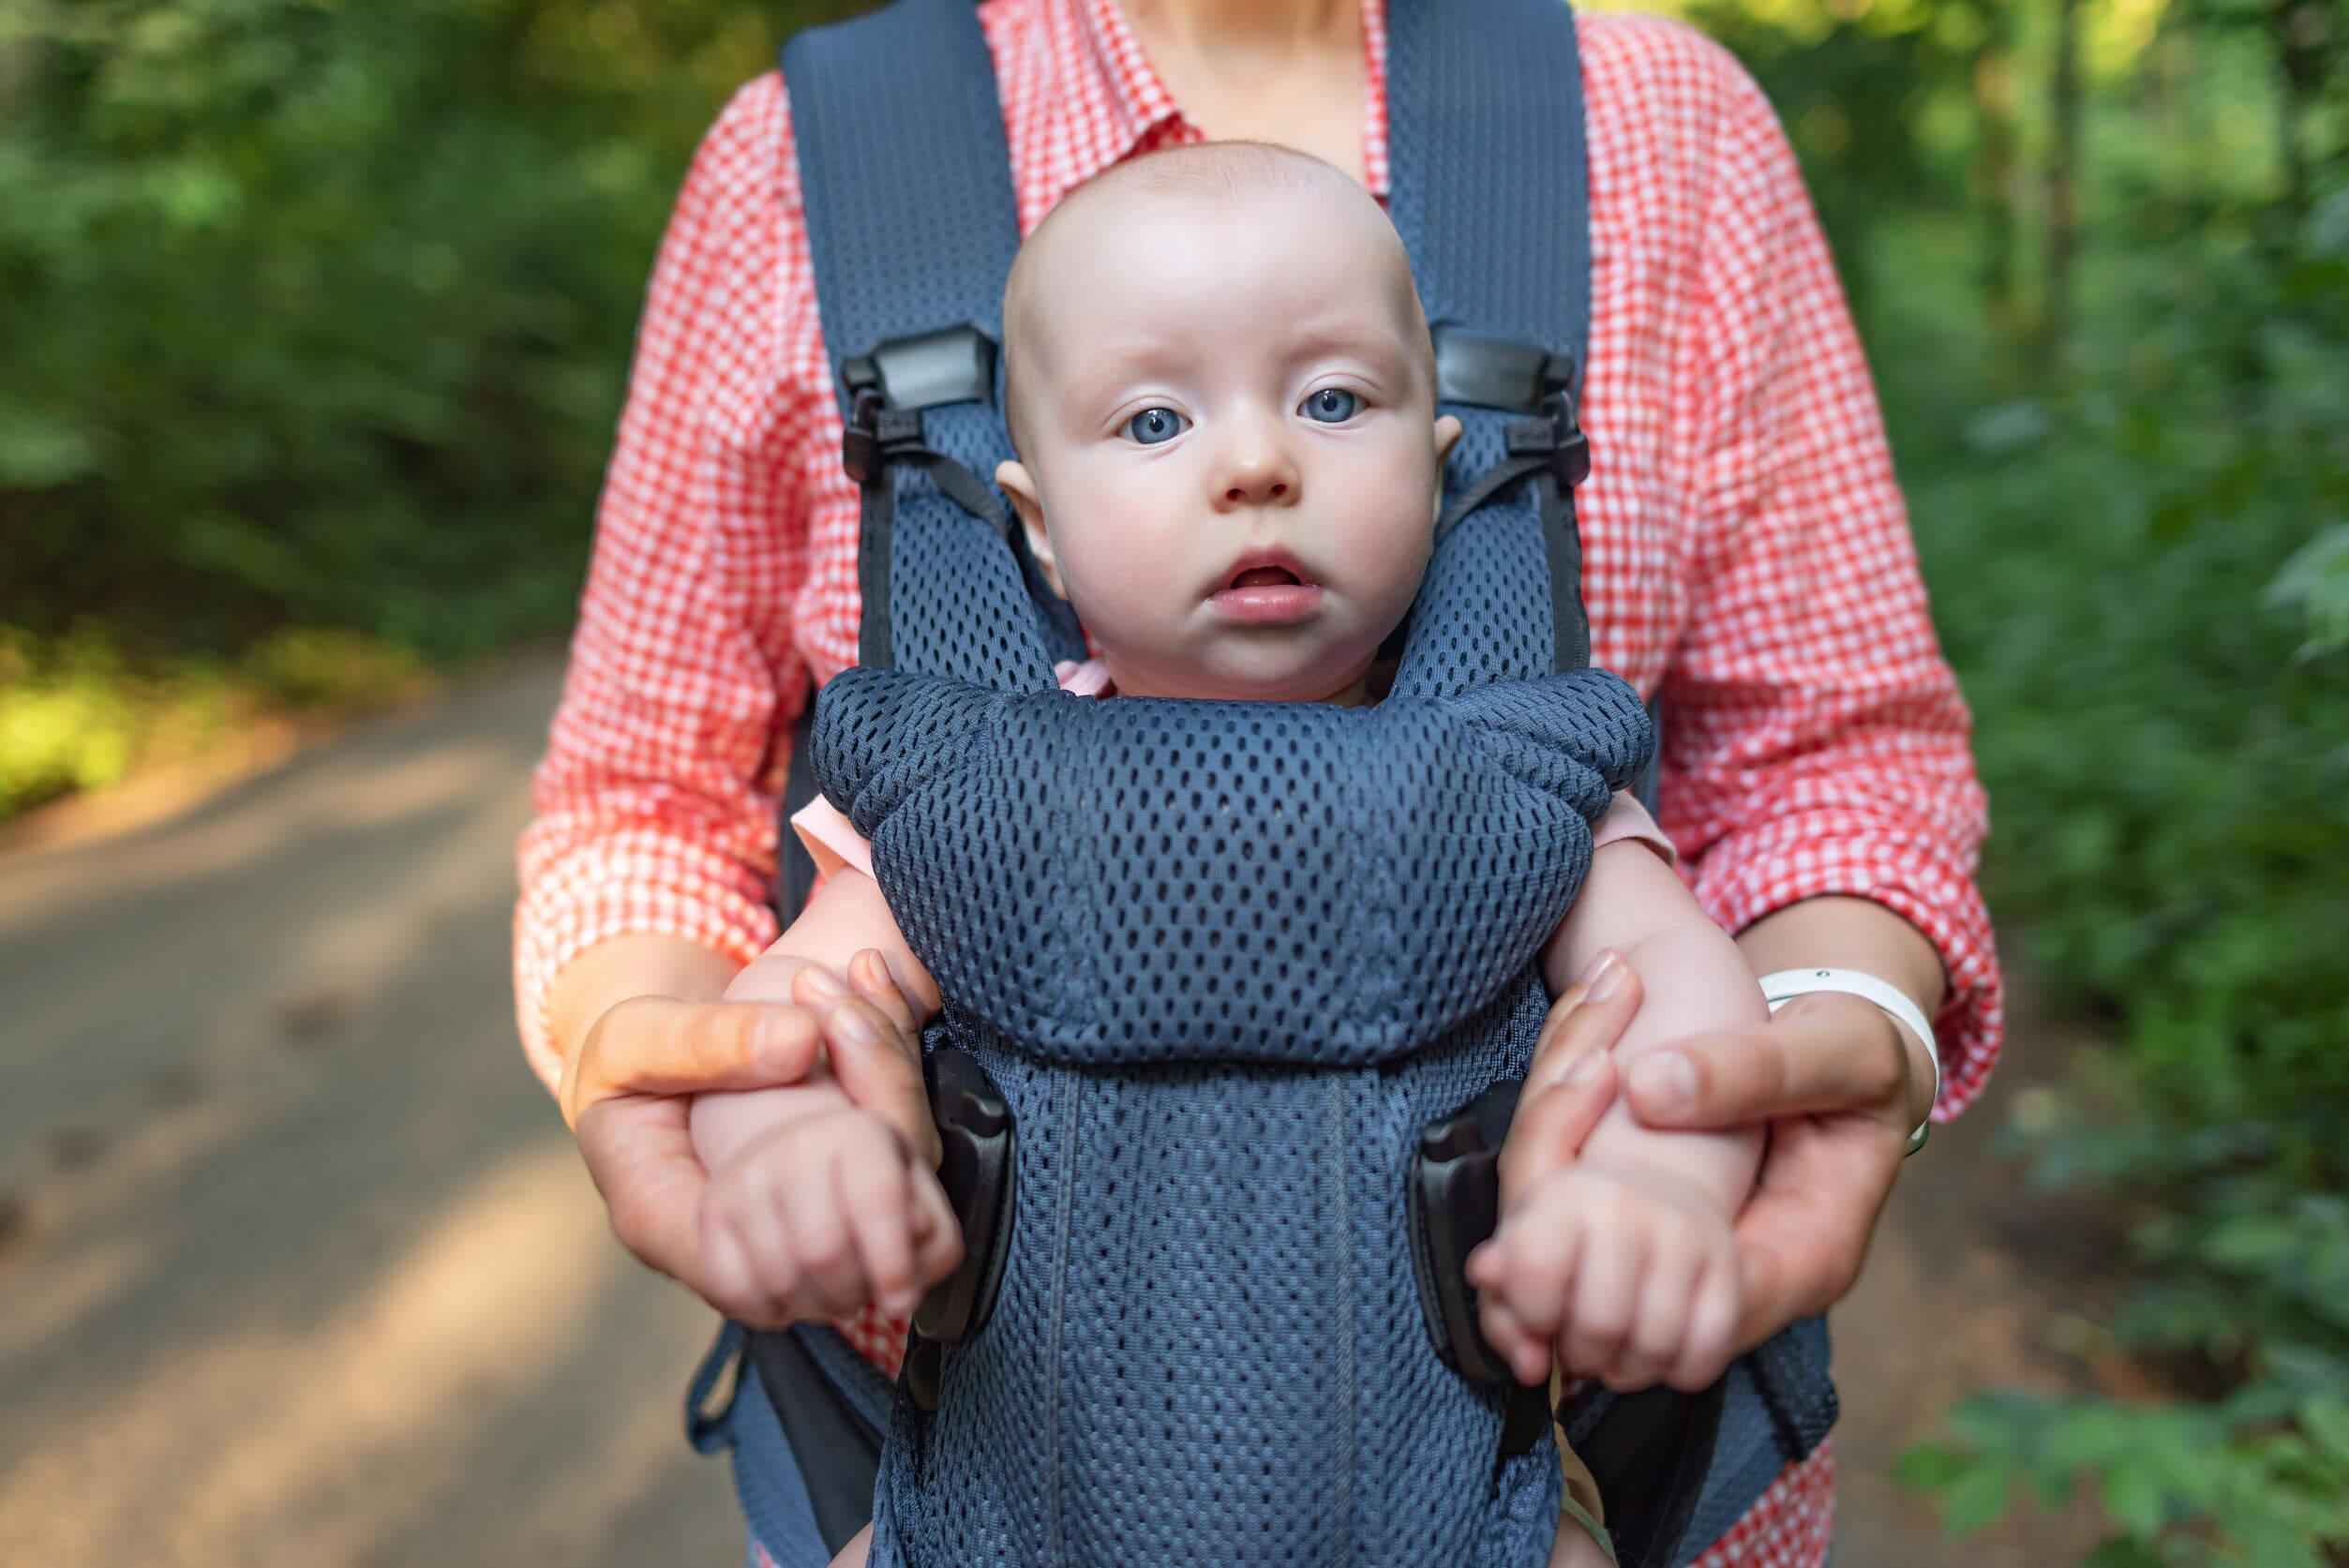 Bebé en una mochila de porteo.